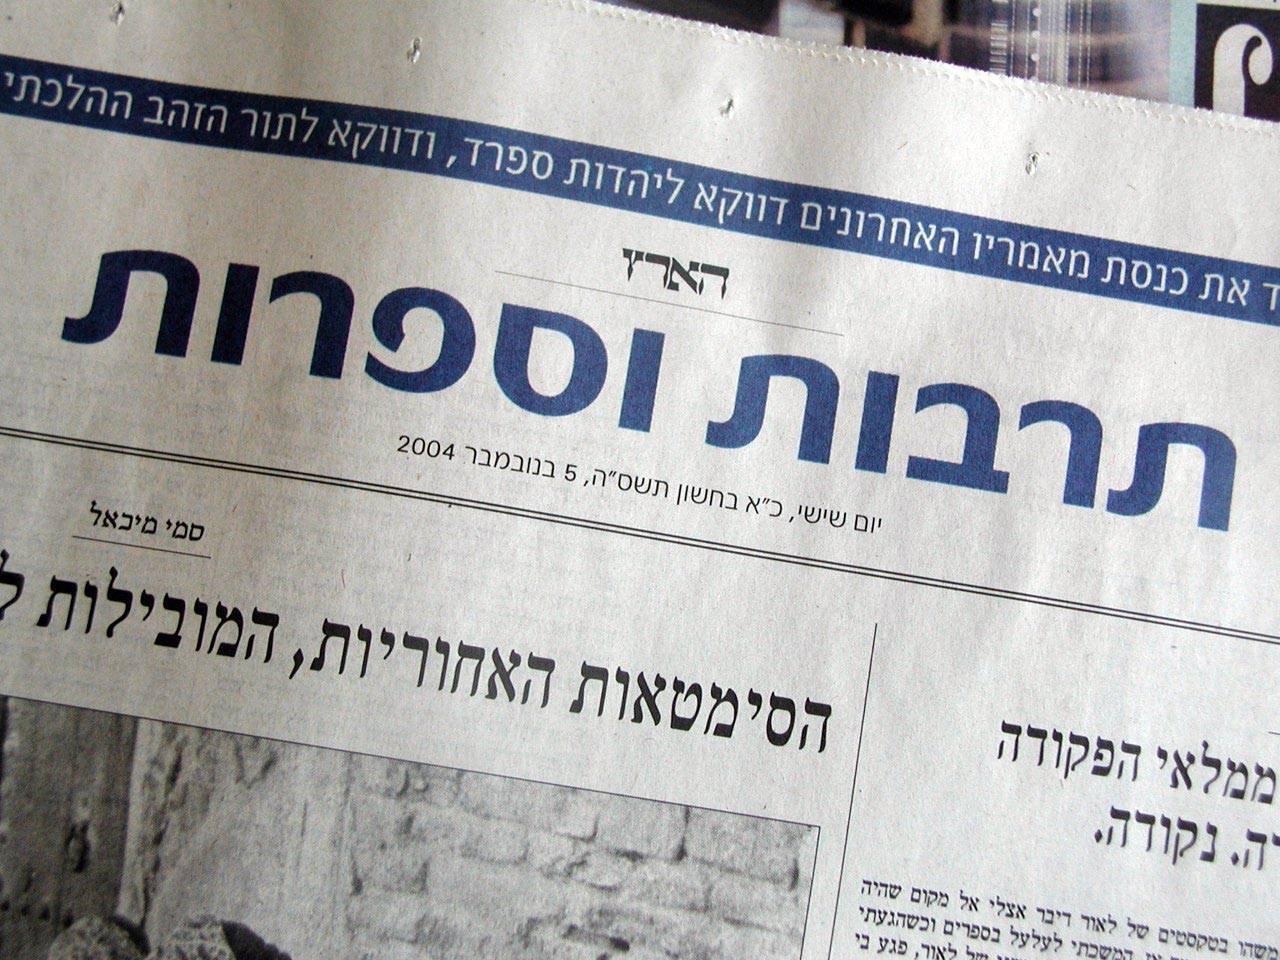 אריקה סנס בכותרת עיתון הארץ